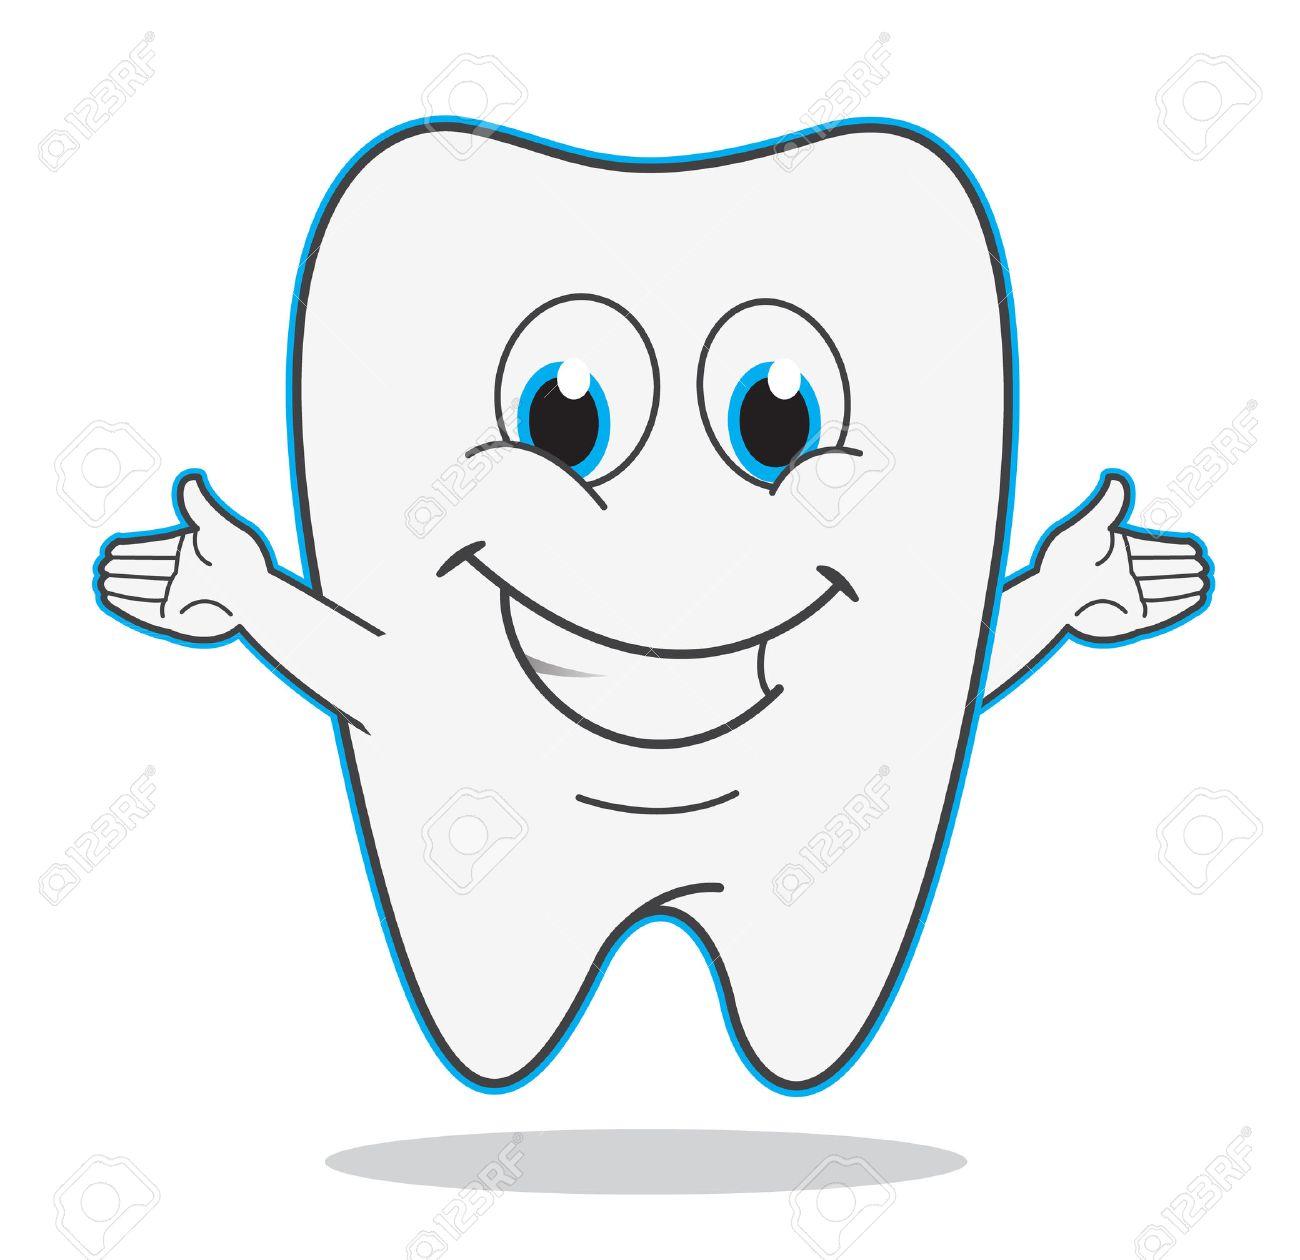 かわいい漫画歯笑顔イラスト歯医者シンボル ロイヤリティフリークリップ